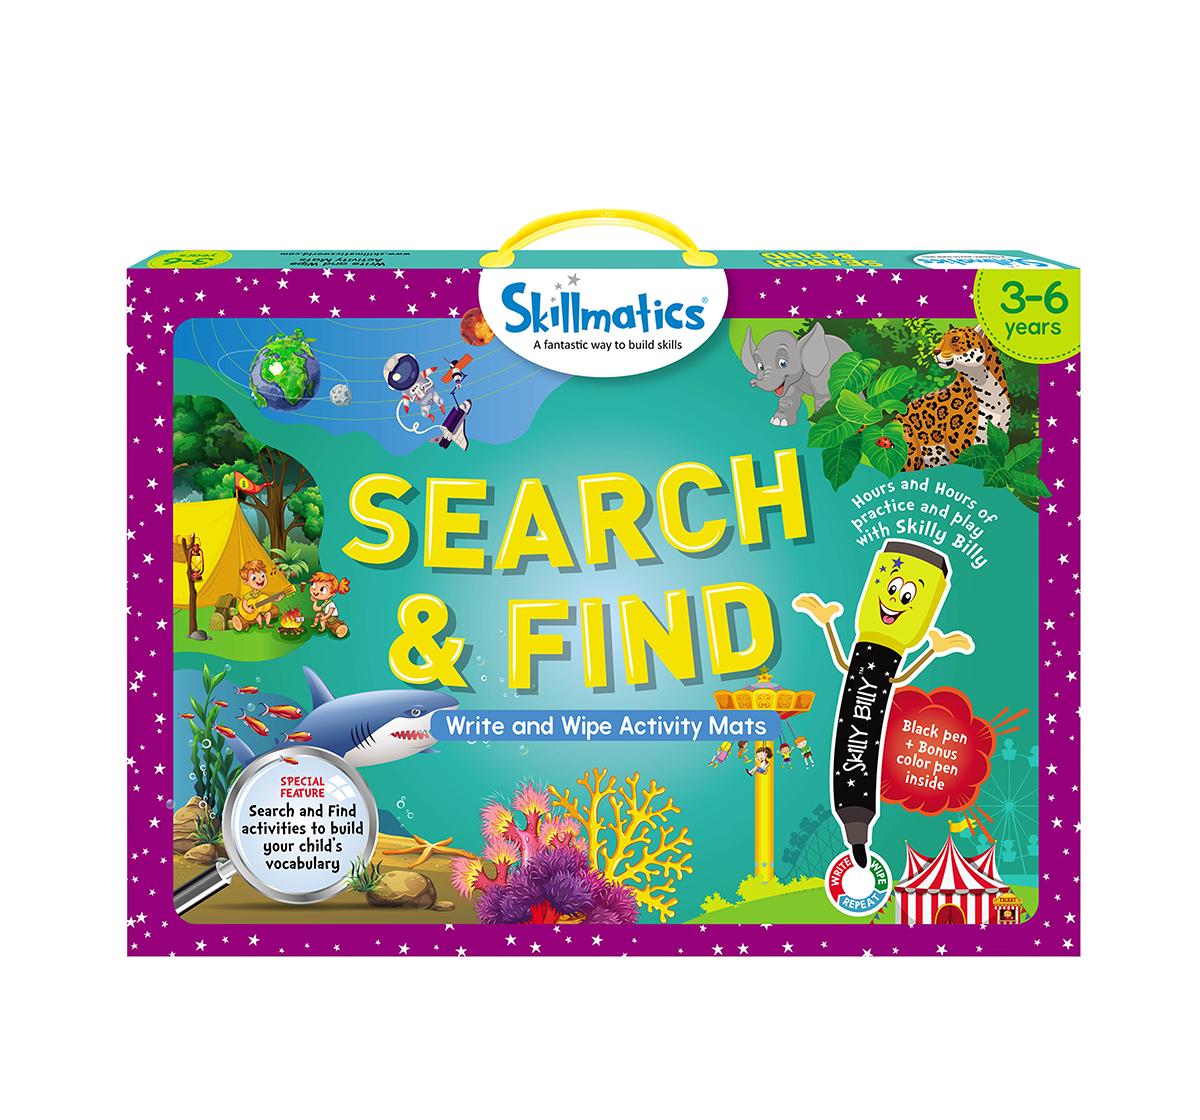 Skillmatics | Skillmatics Search & Find Write & Wipe Activity Mats, Multicolor, 3Y+